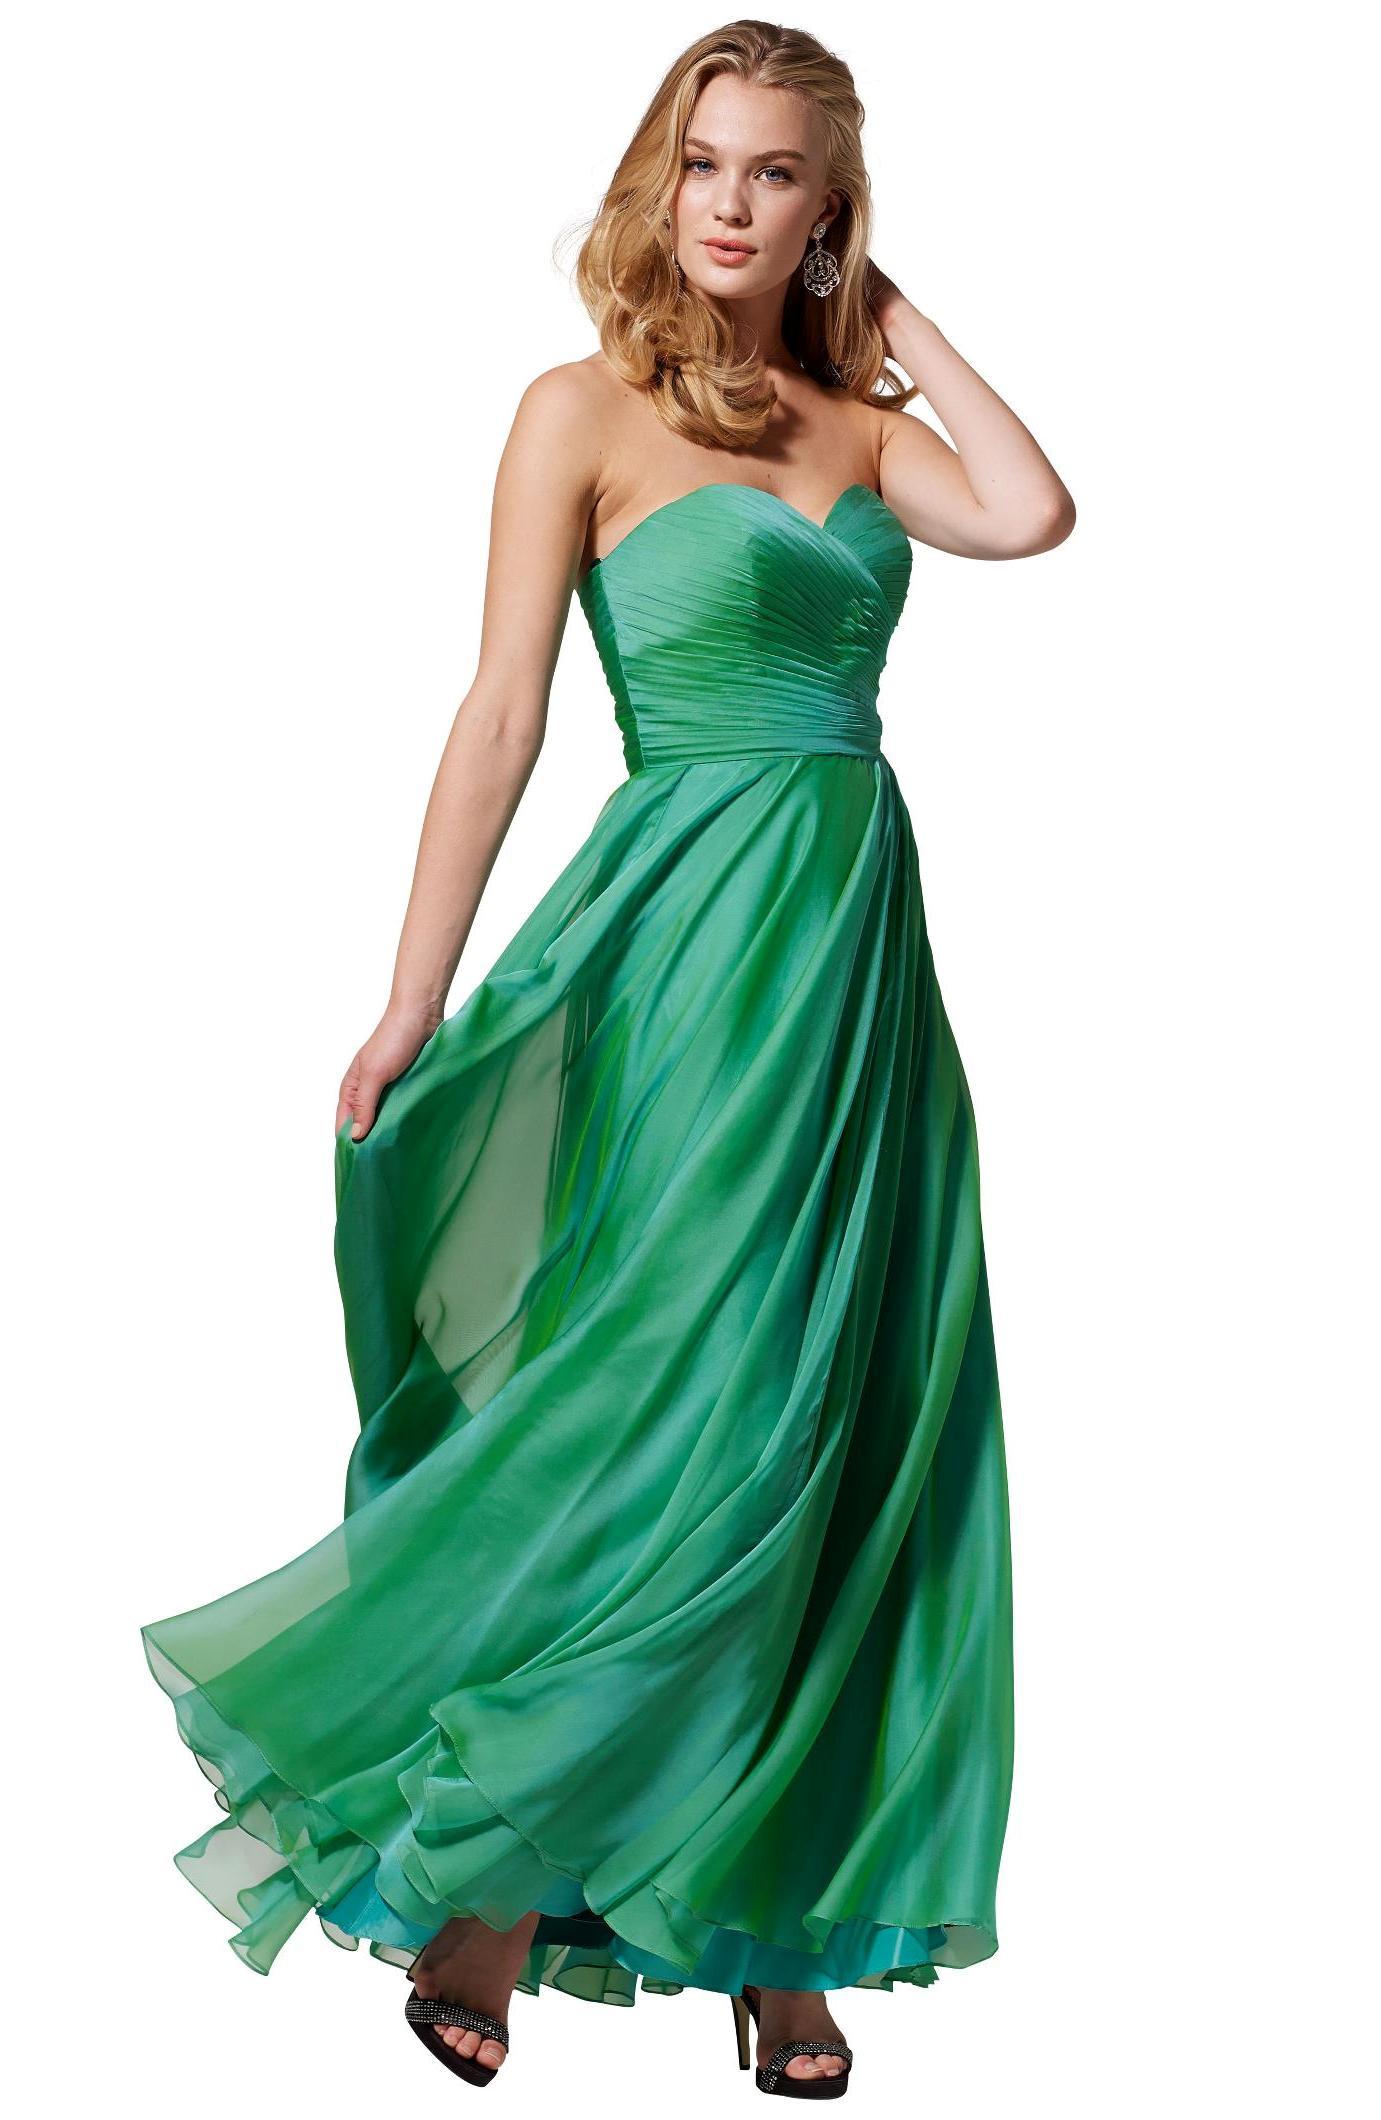 13 Ausgezeichnet Abendkleid Verleih Bester PreisDesigner Top Abendkleid Verleih Galerie